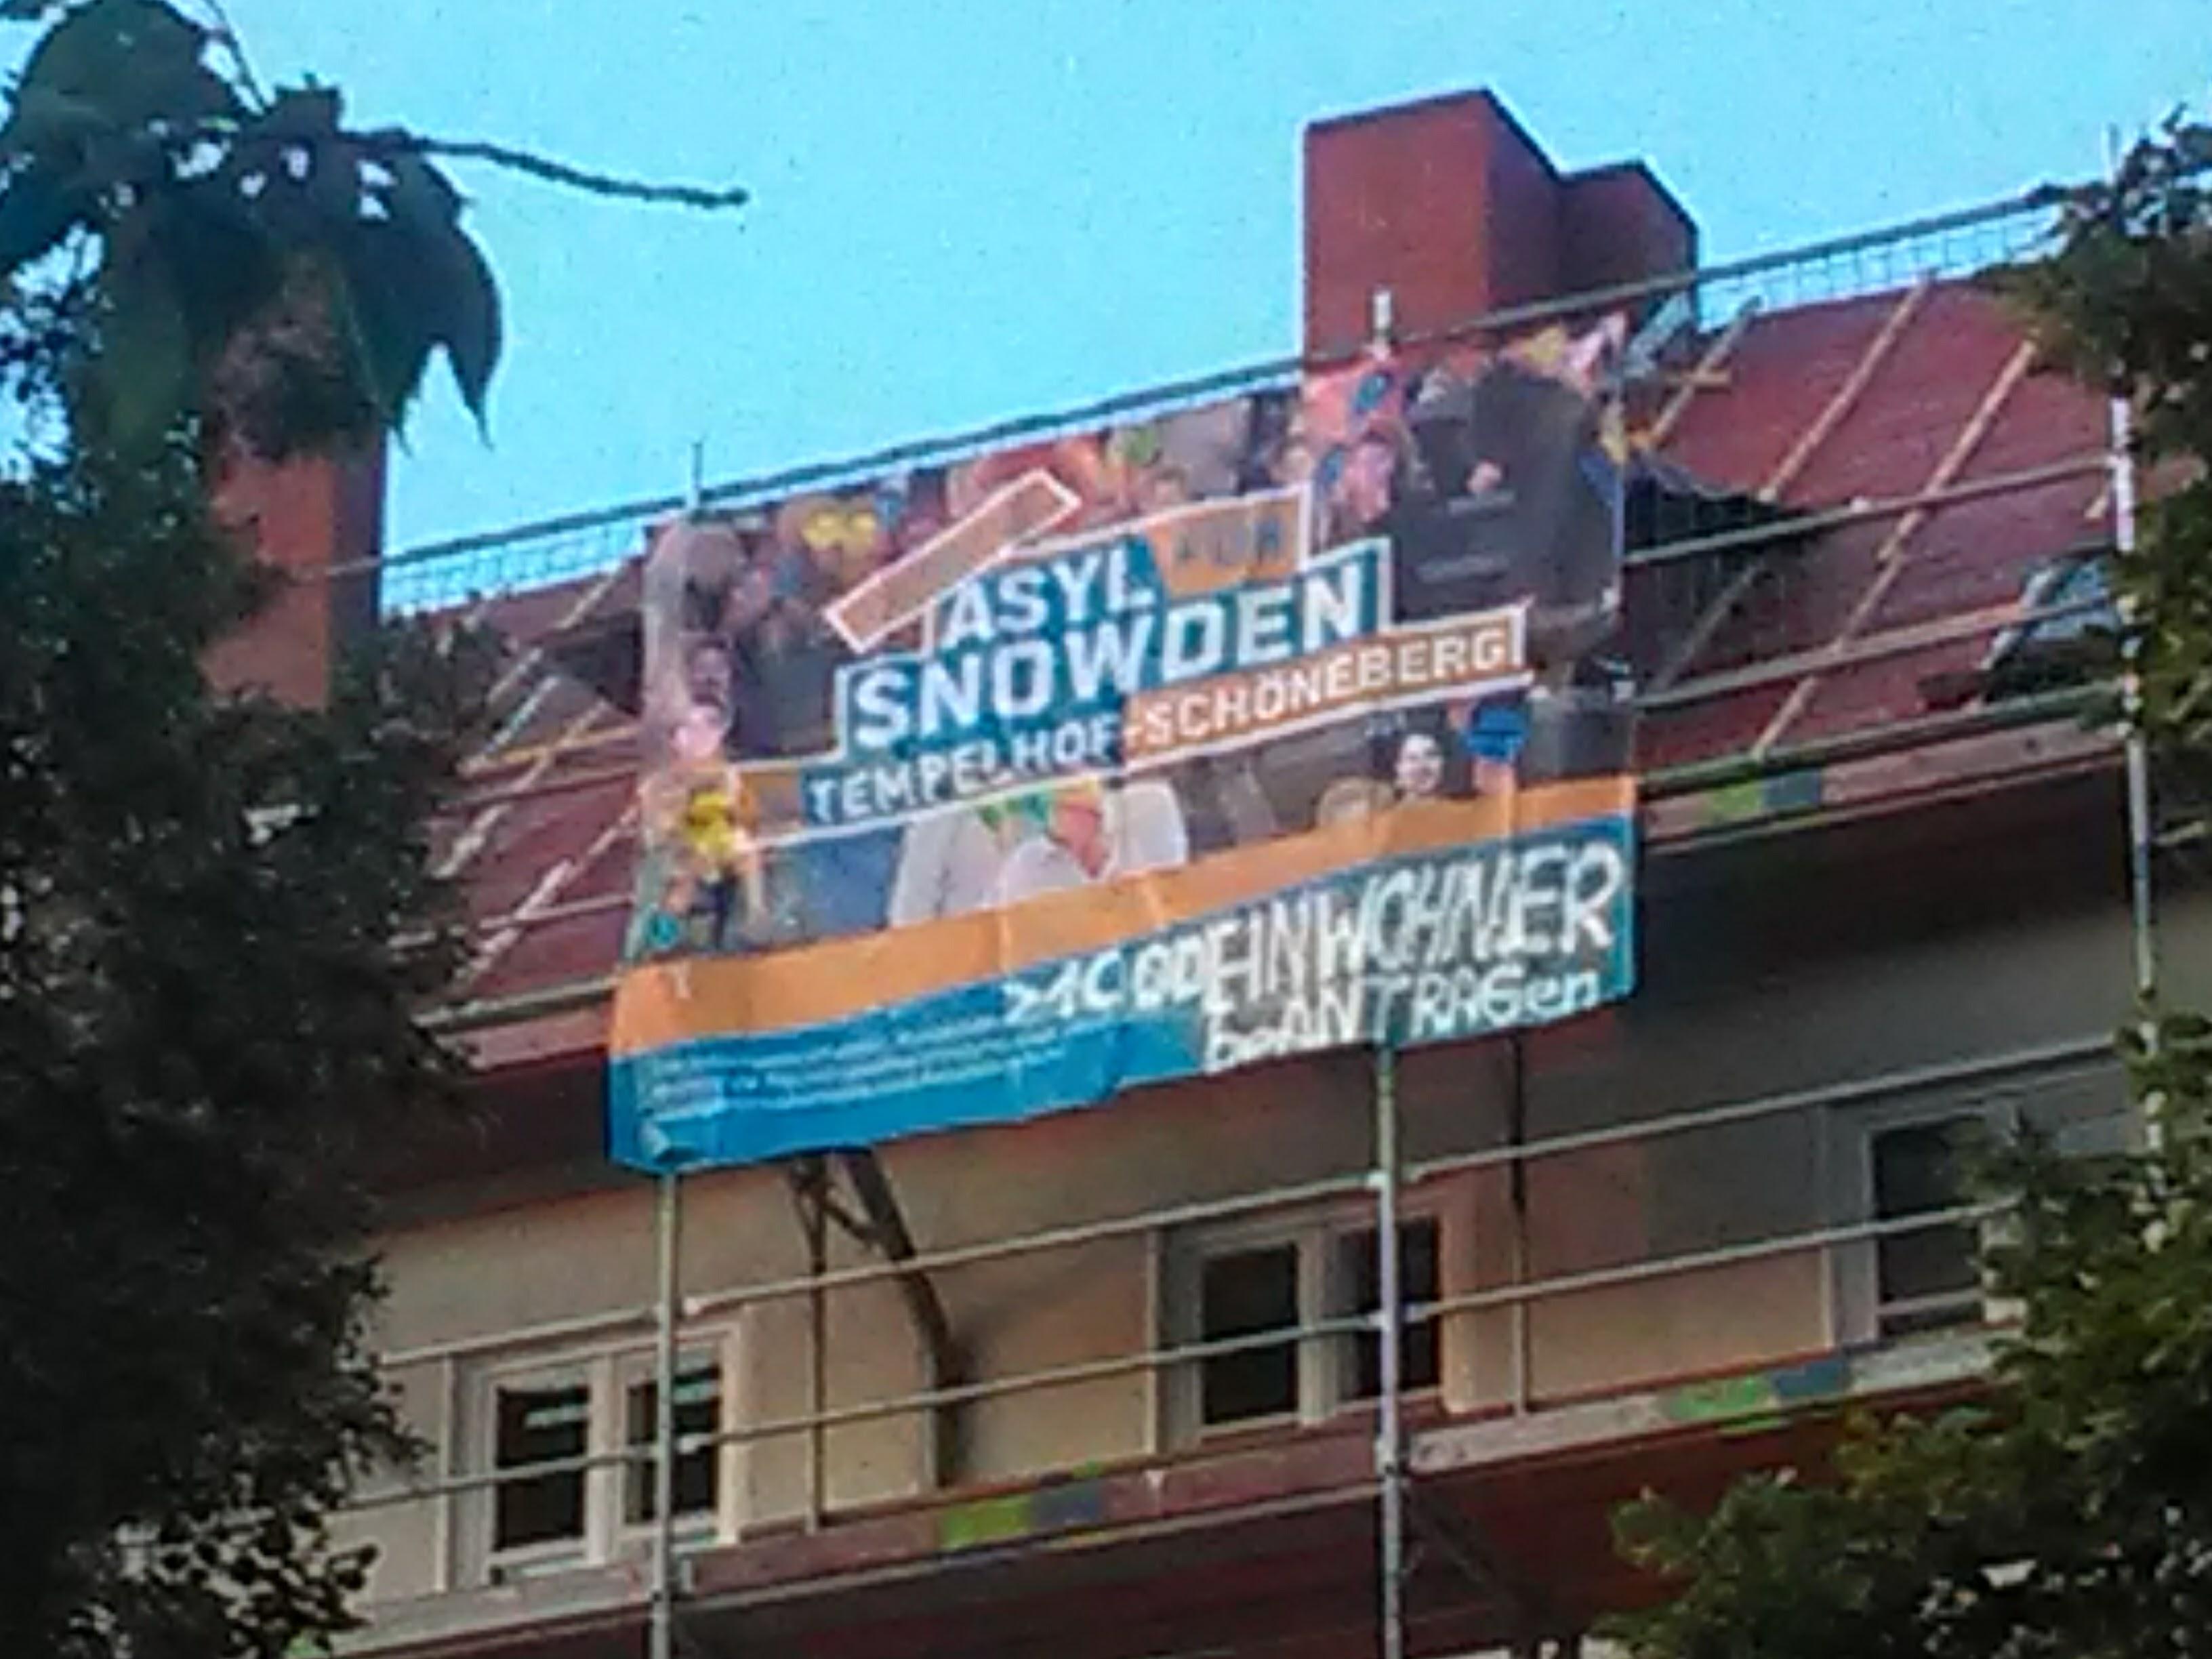 sicheres Asyl fuer Eduart Snowden in Tempelhof-Schoeneberg